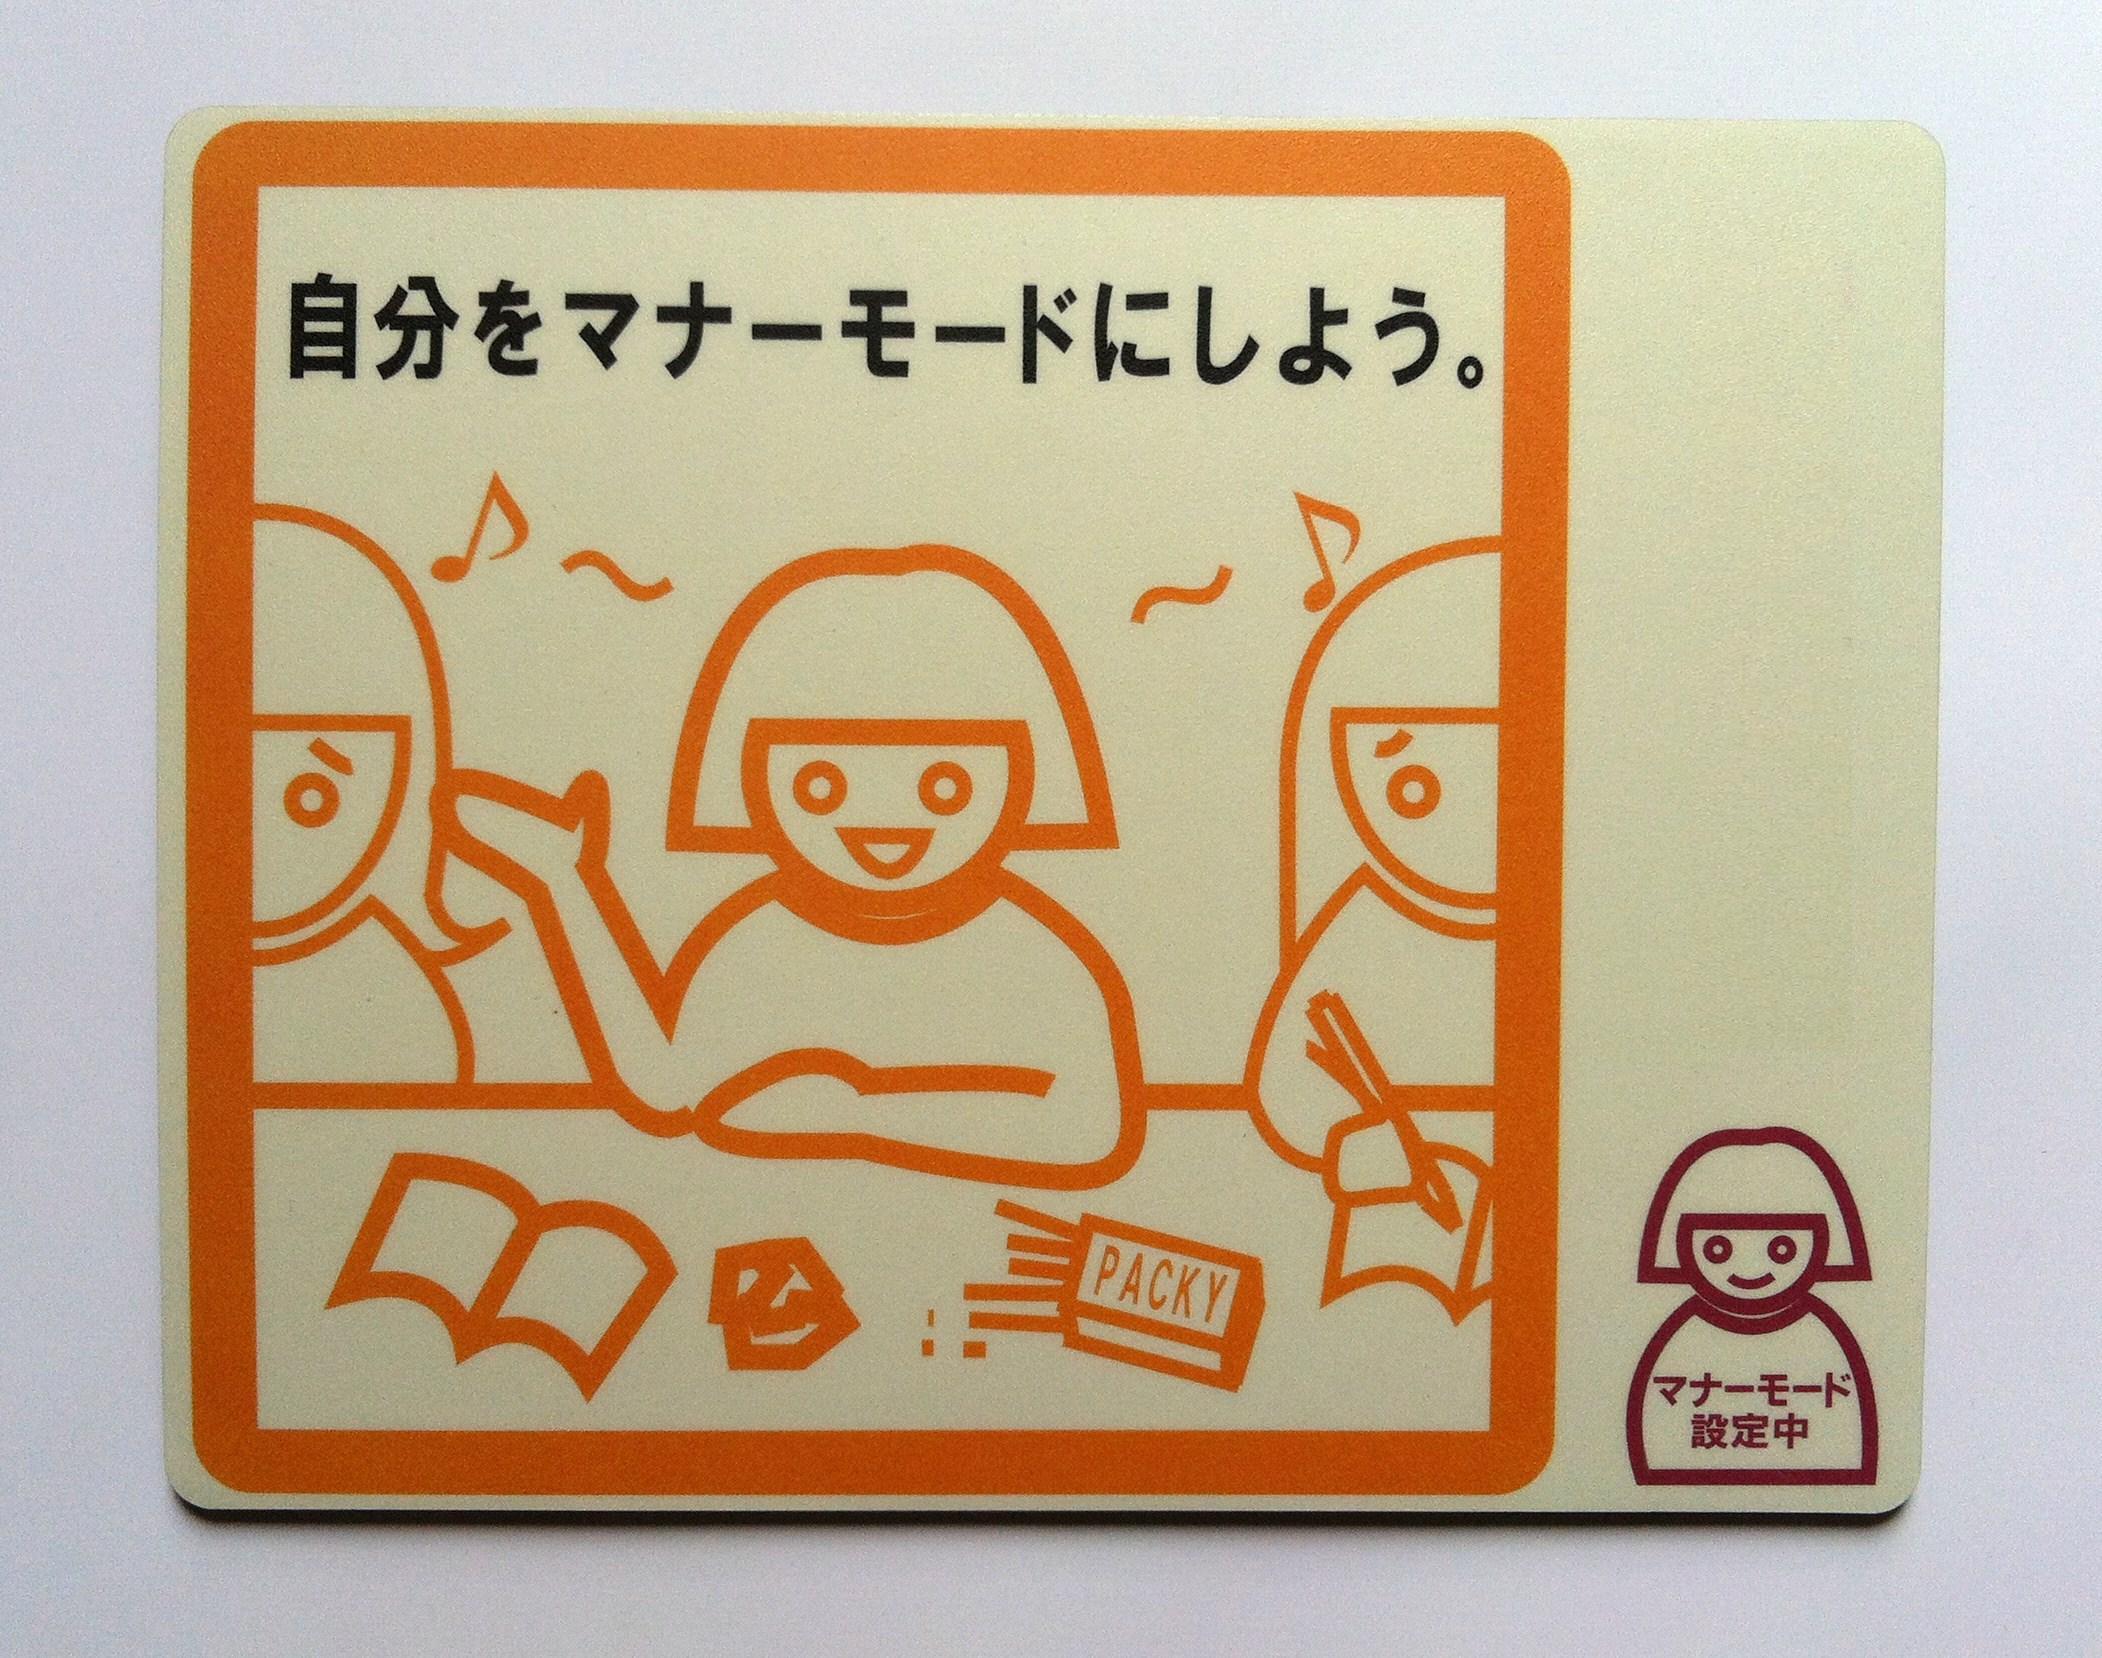 ☆オリジナル製作☆ 好きな形でカットできる安価な実用品!! マウスパッド【メール便可能】